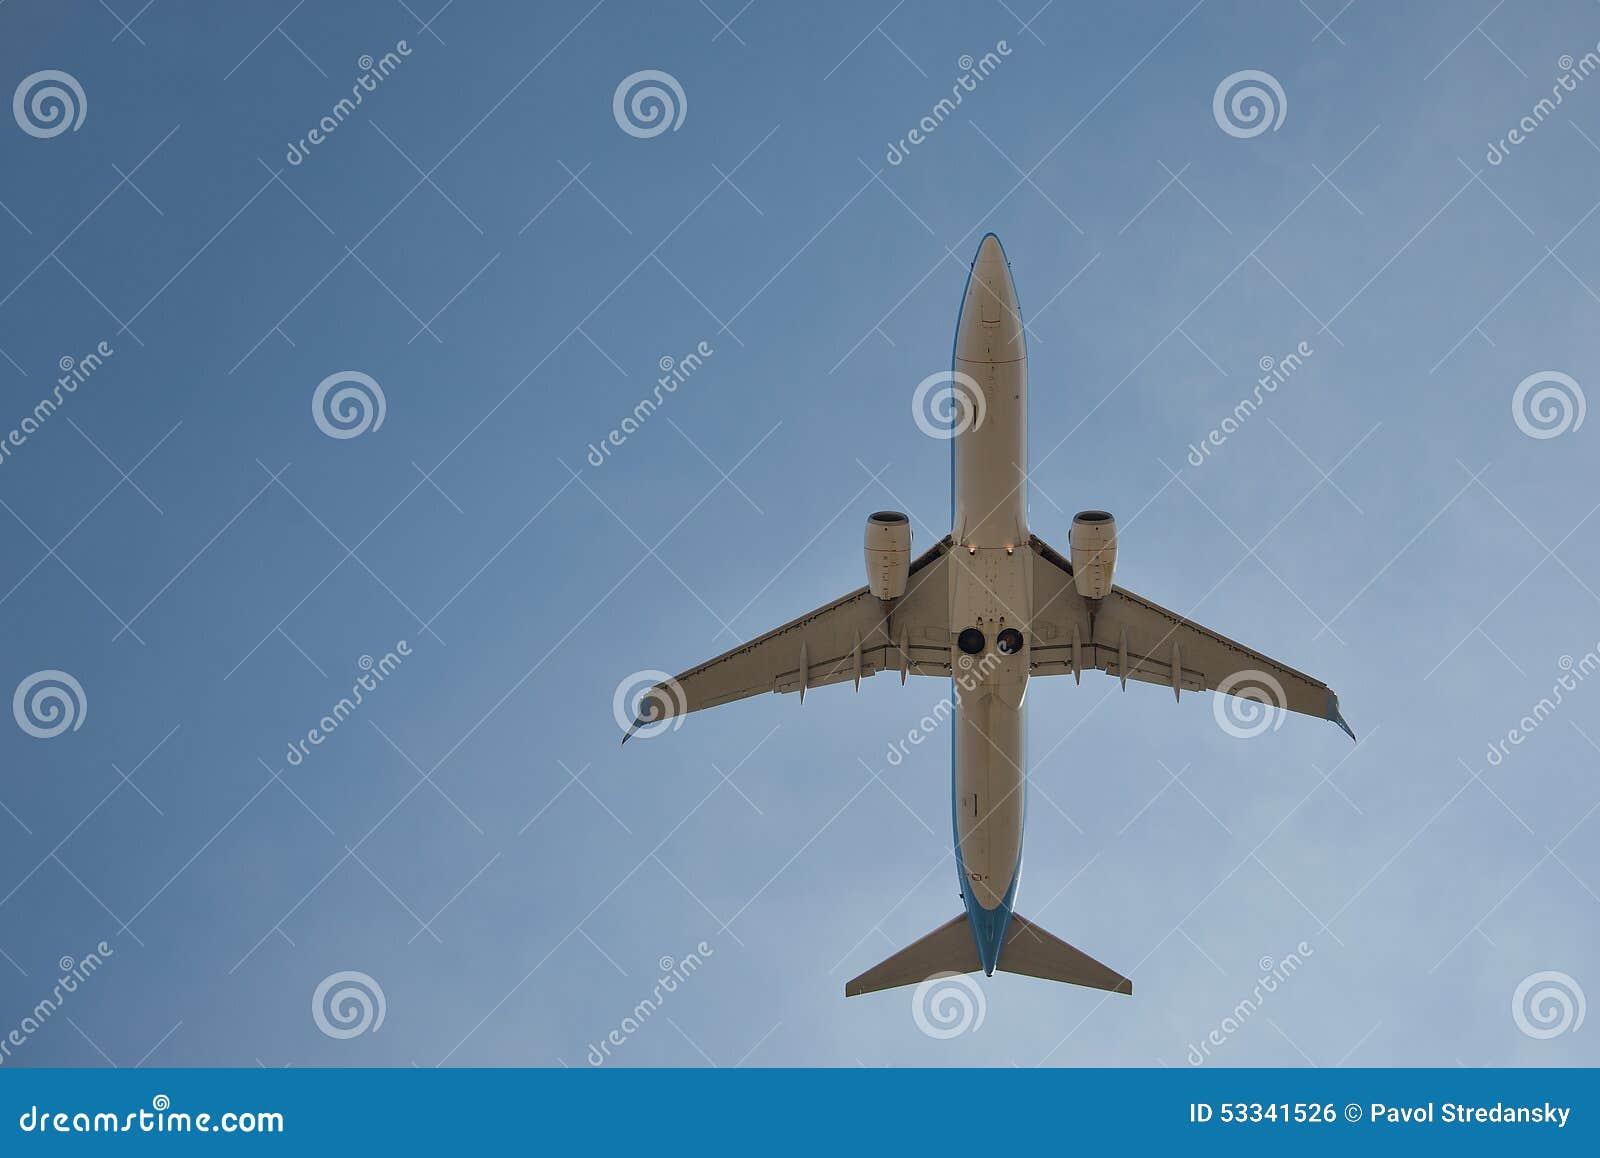 飞机 库存照片 - 图片